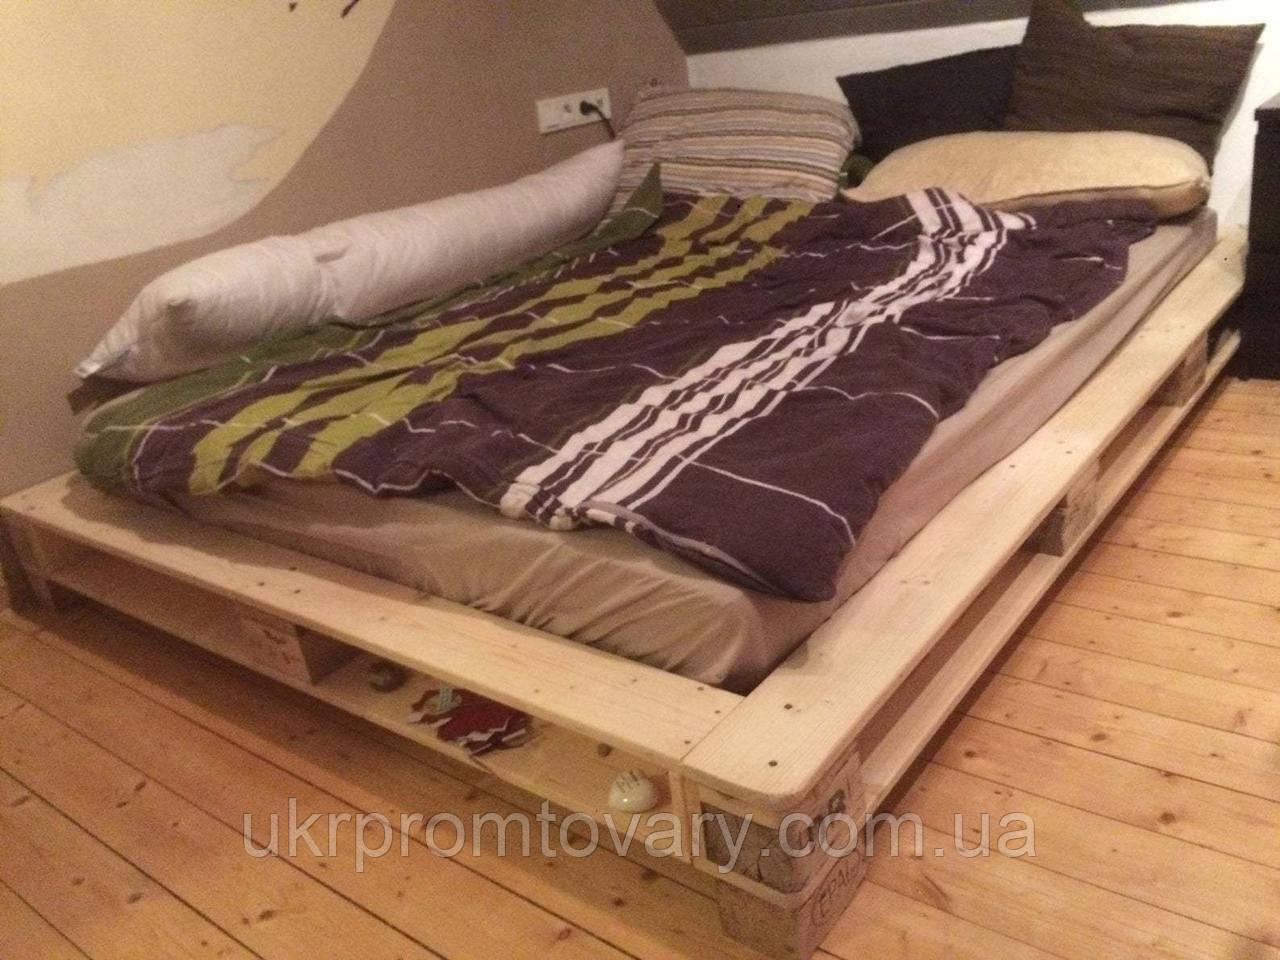 Кровать LOFT DESIGN 63556, НАТУРАЛЬНОЕ ДЕРЕВО, мебель Лофт Производство в Киеве